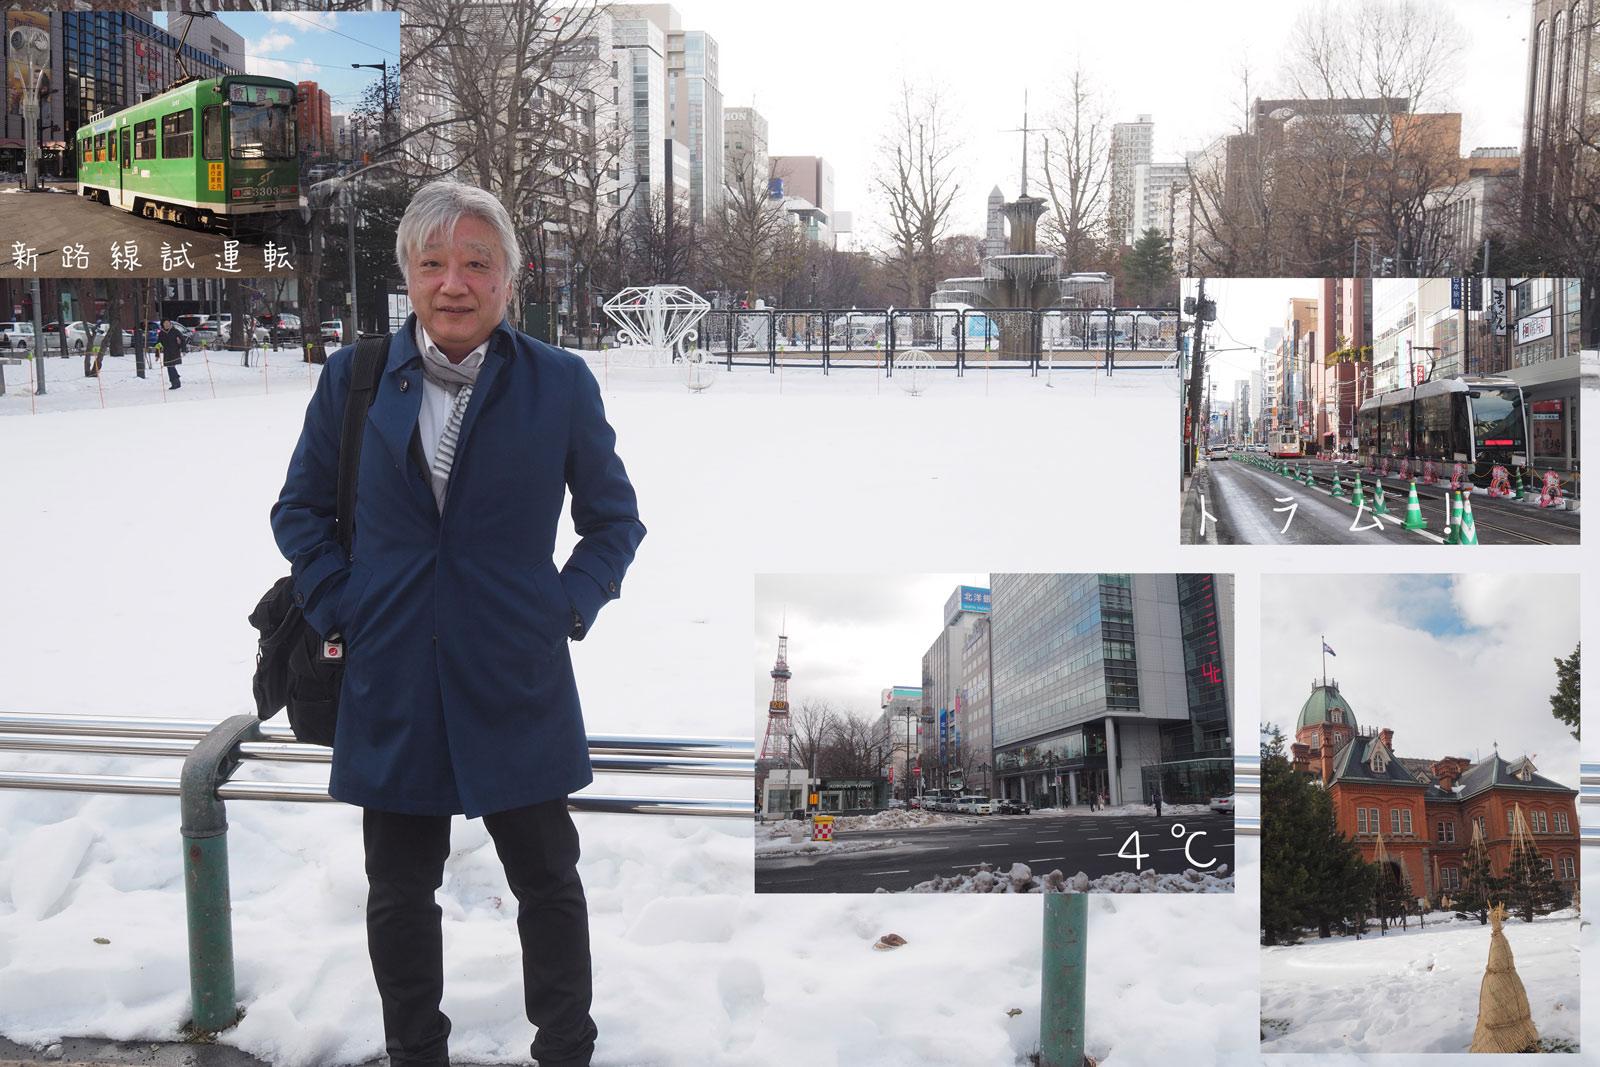 札幌、今年は多いね〜_a0271402_8122721.jpg